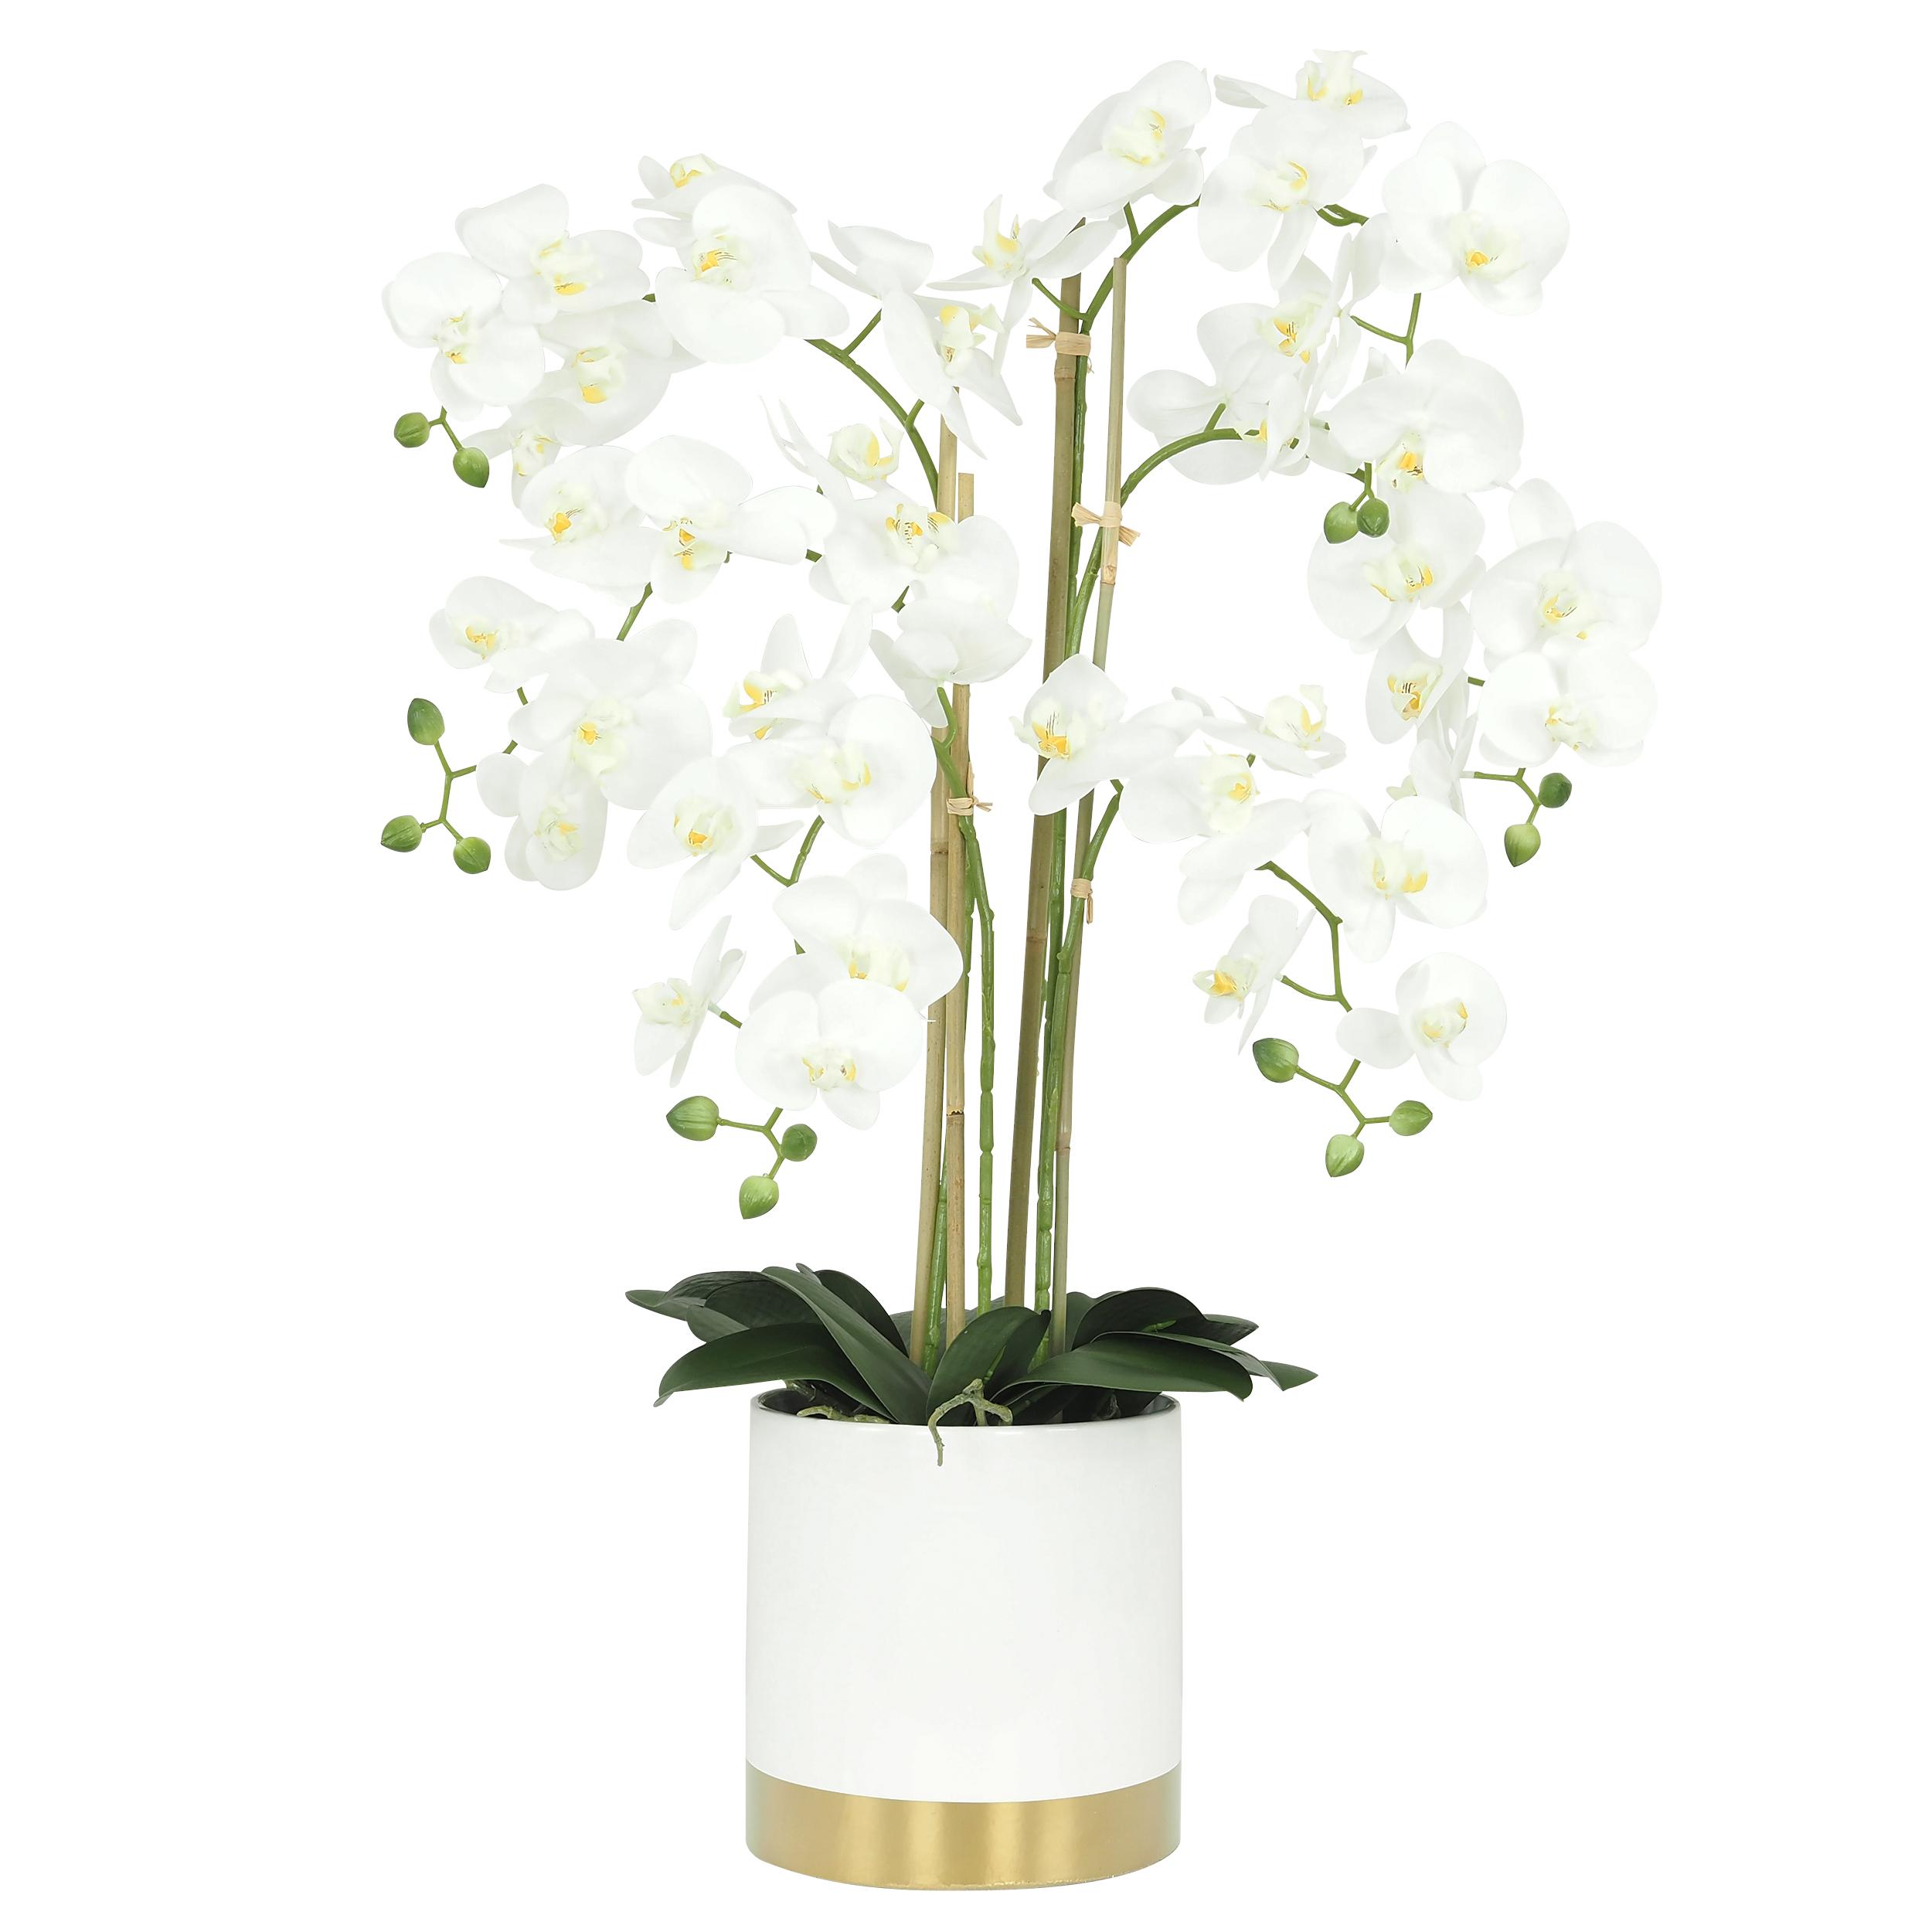 Orchidée blanche géante artificielle pot céramique blanc/or 80 cm